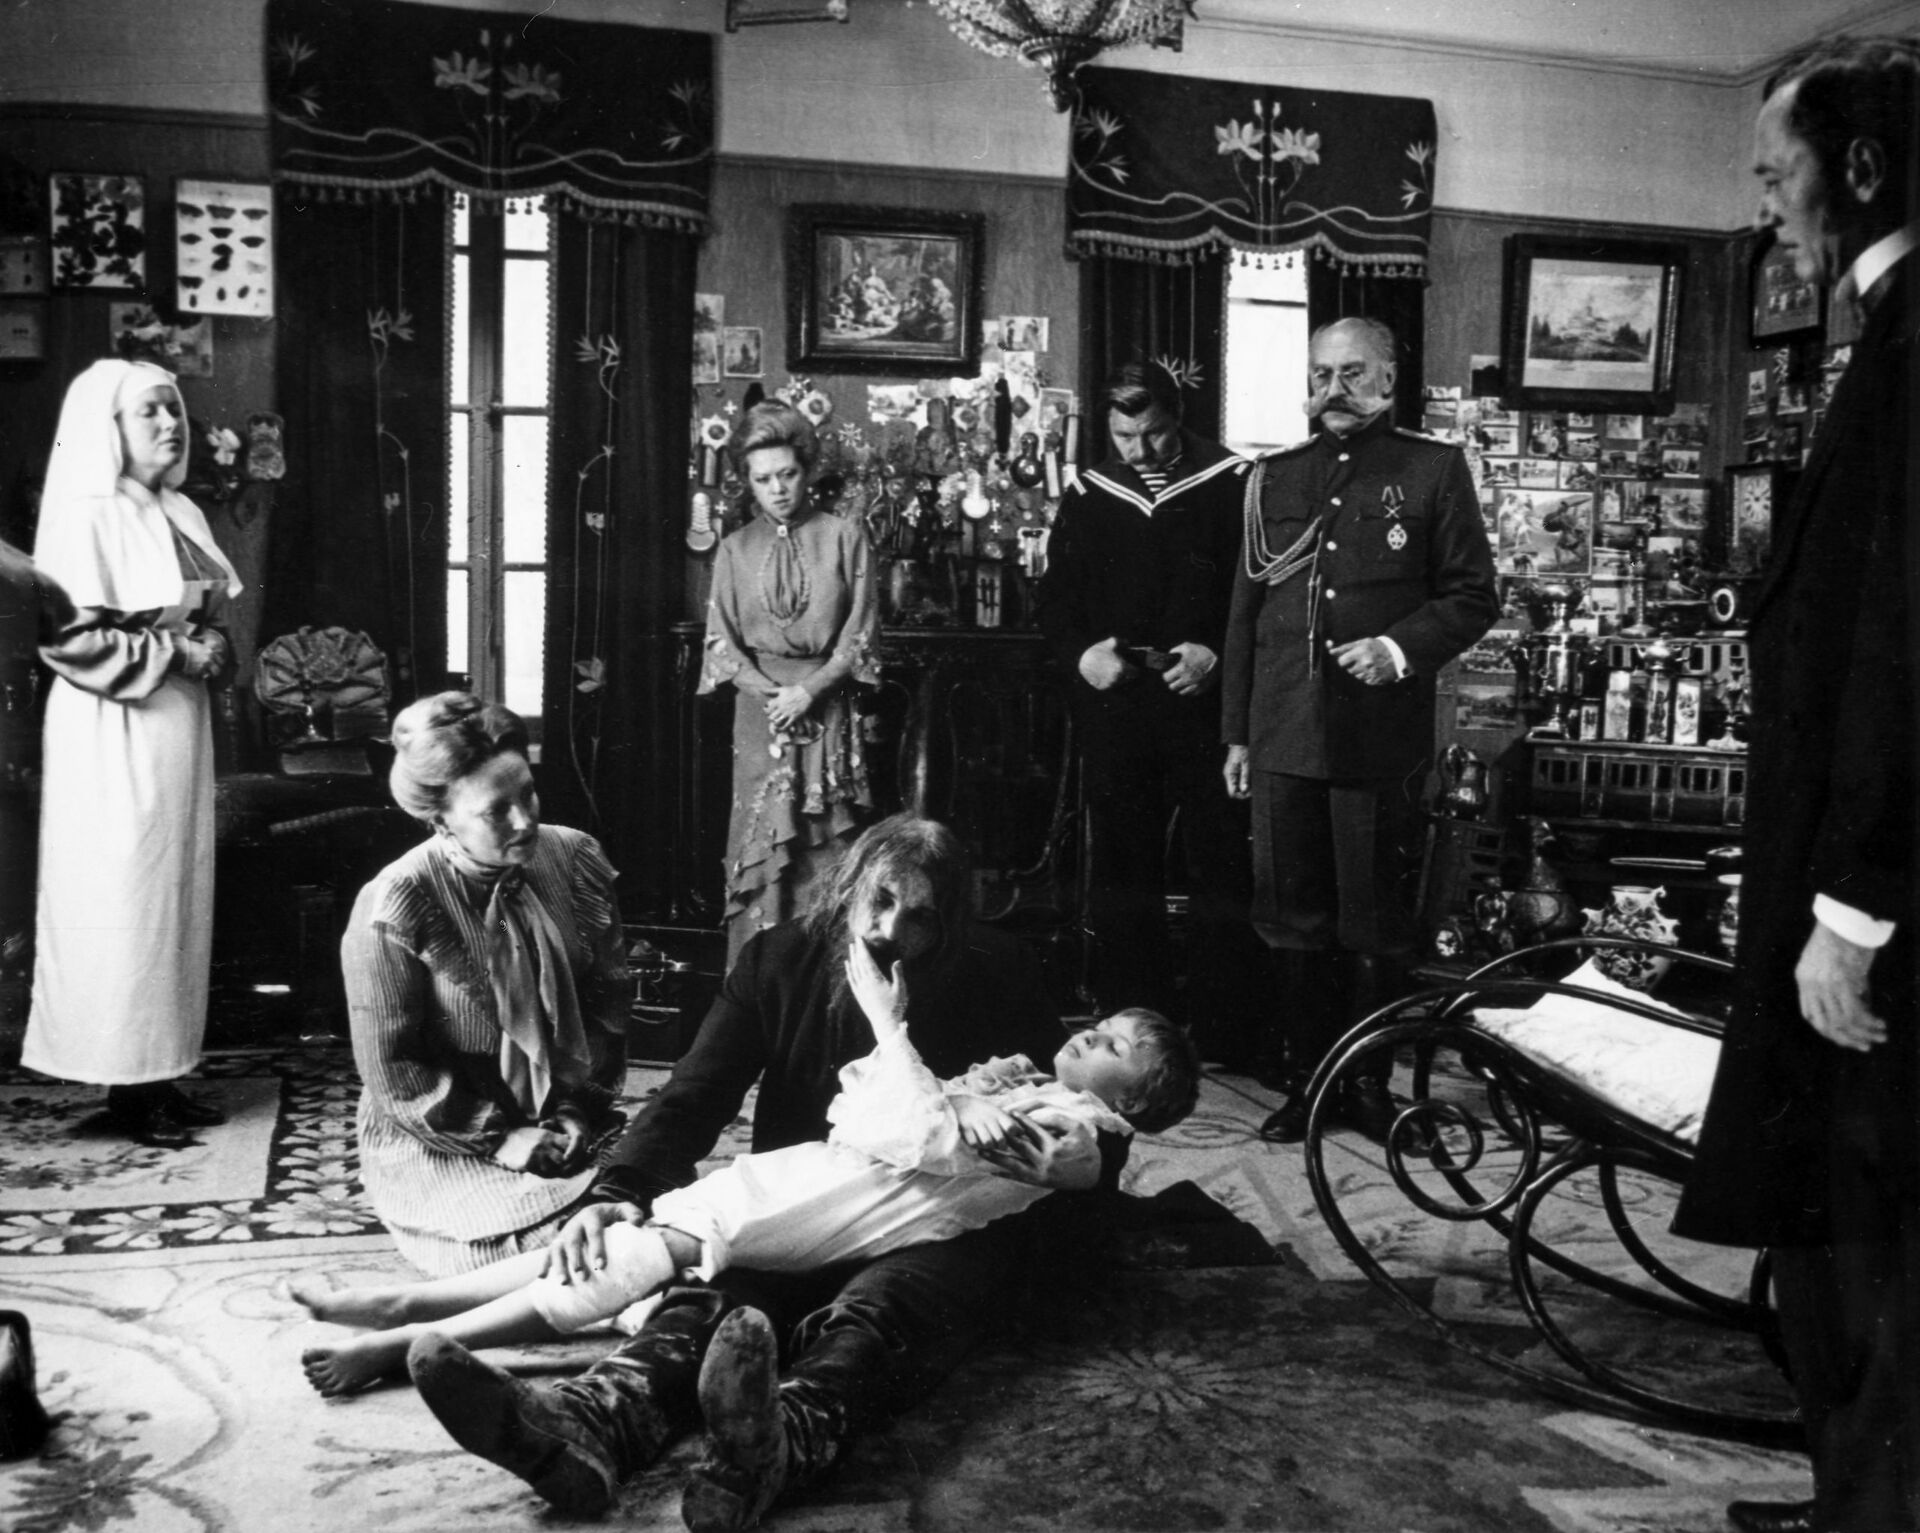 Алиса Фрейндлих: Мымра с королевской осанкой - РИА Новости, 1920, 08.12.2020